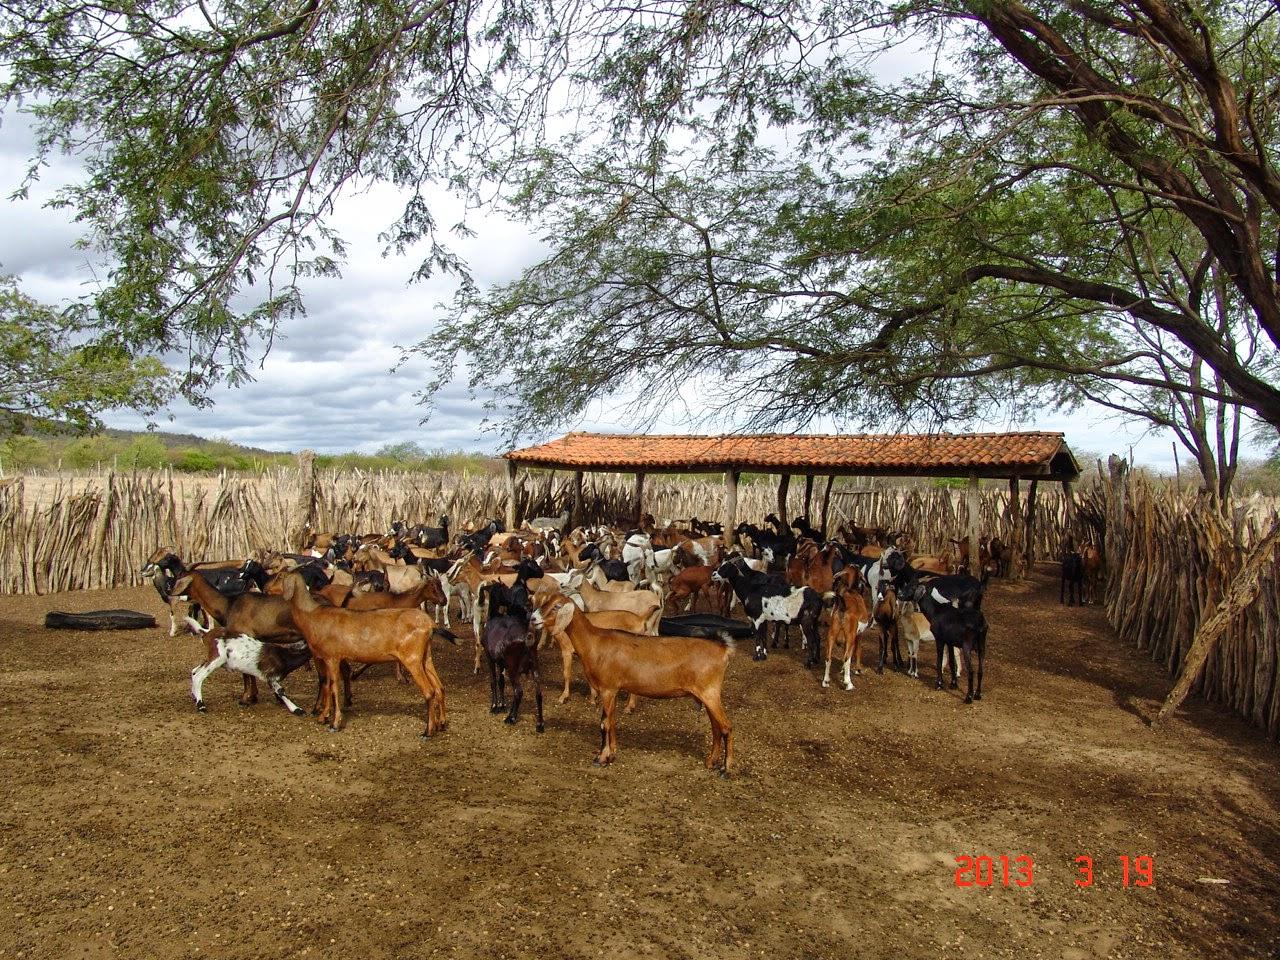 Um rebanho de caprinos na caatinga